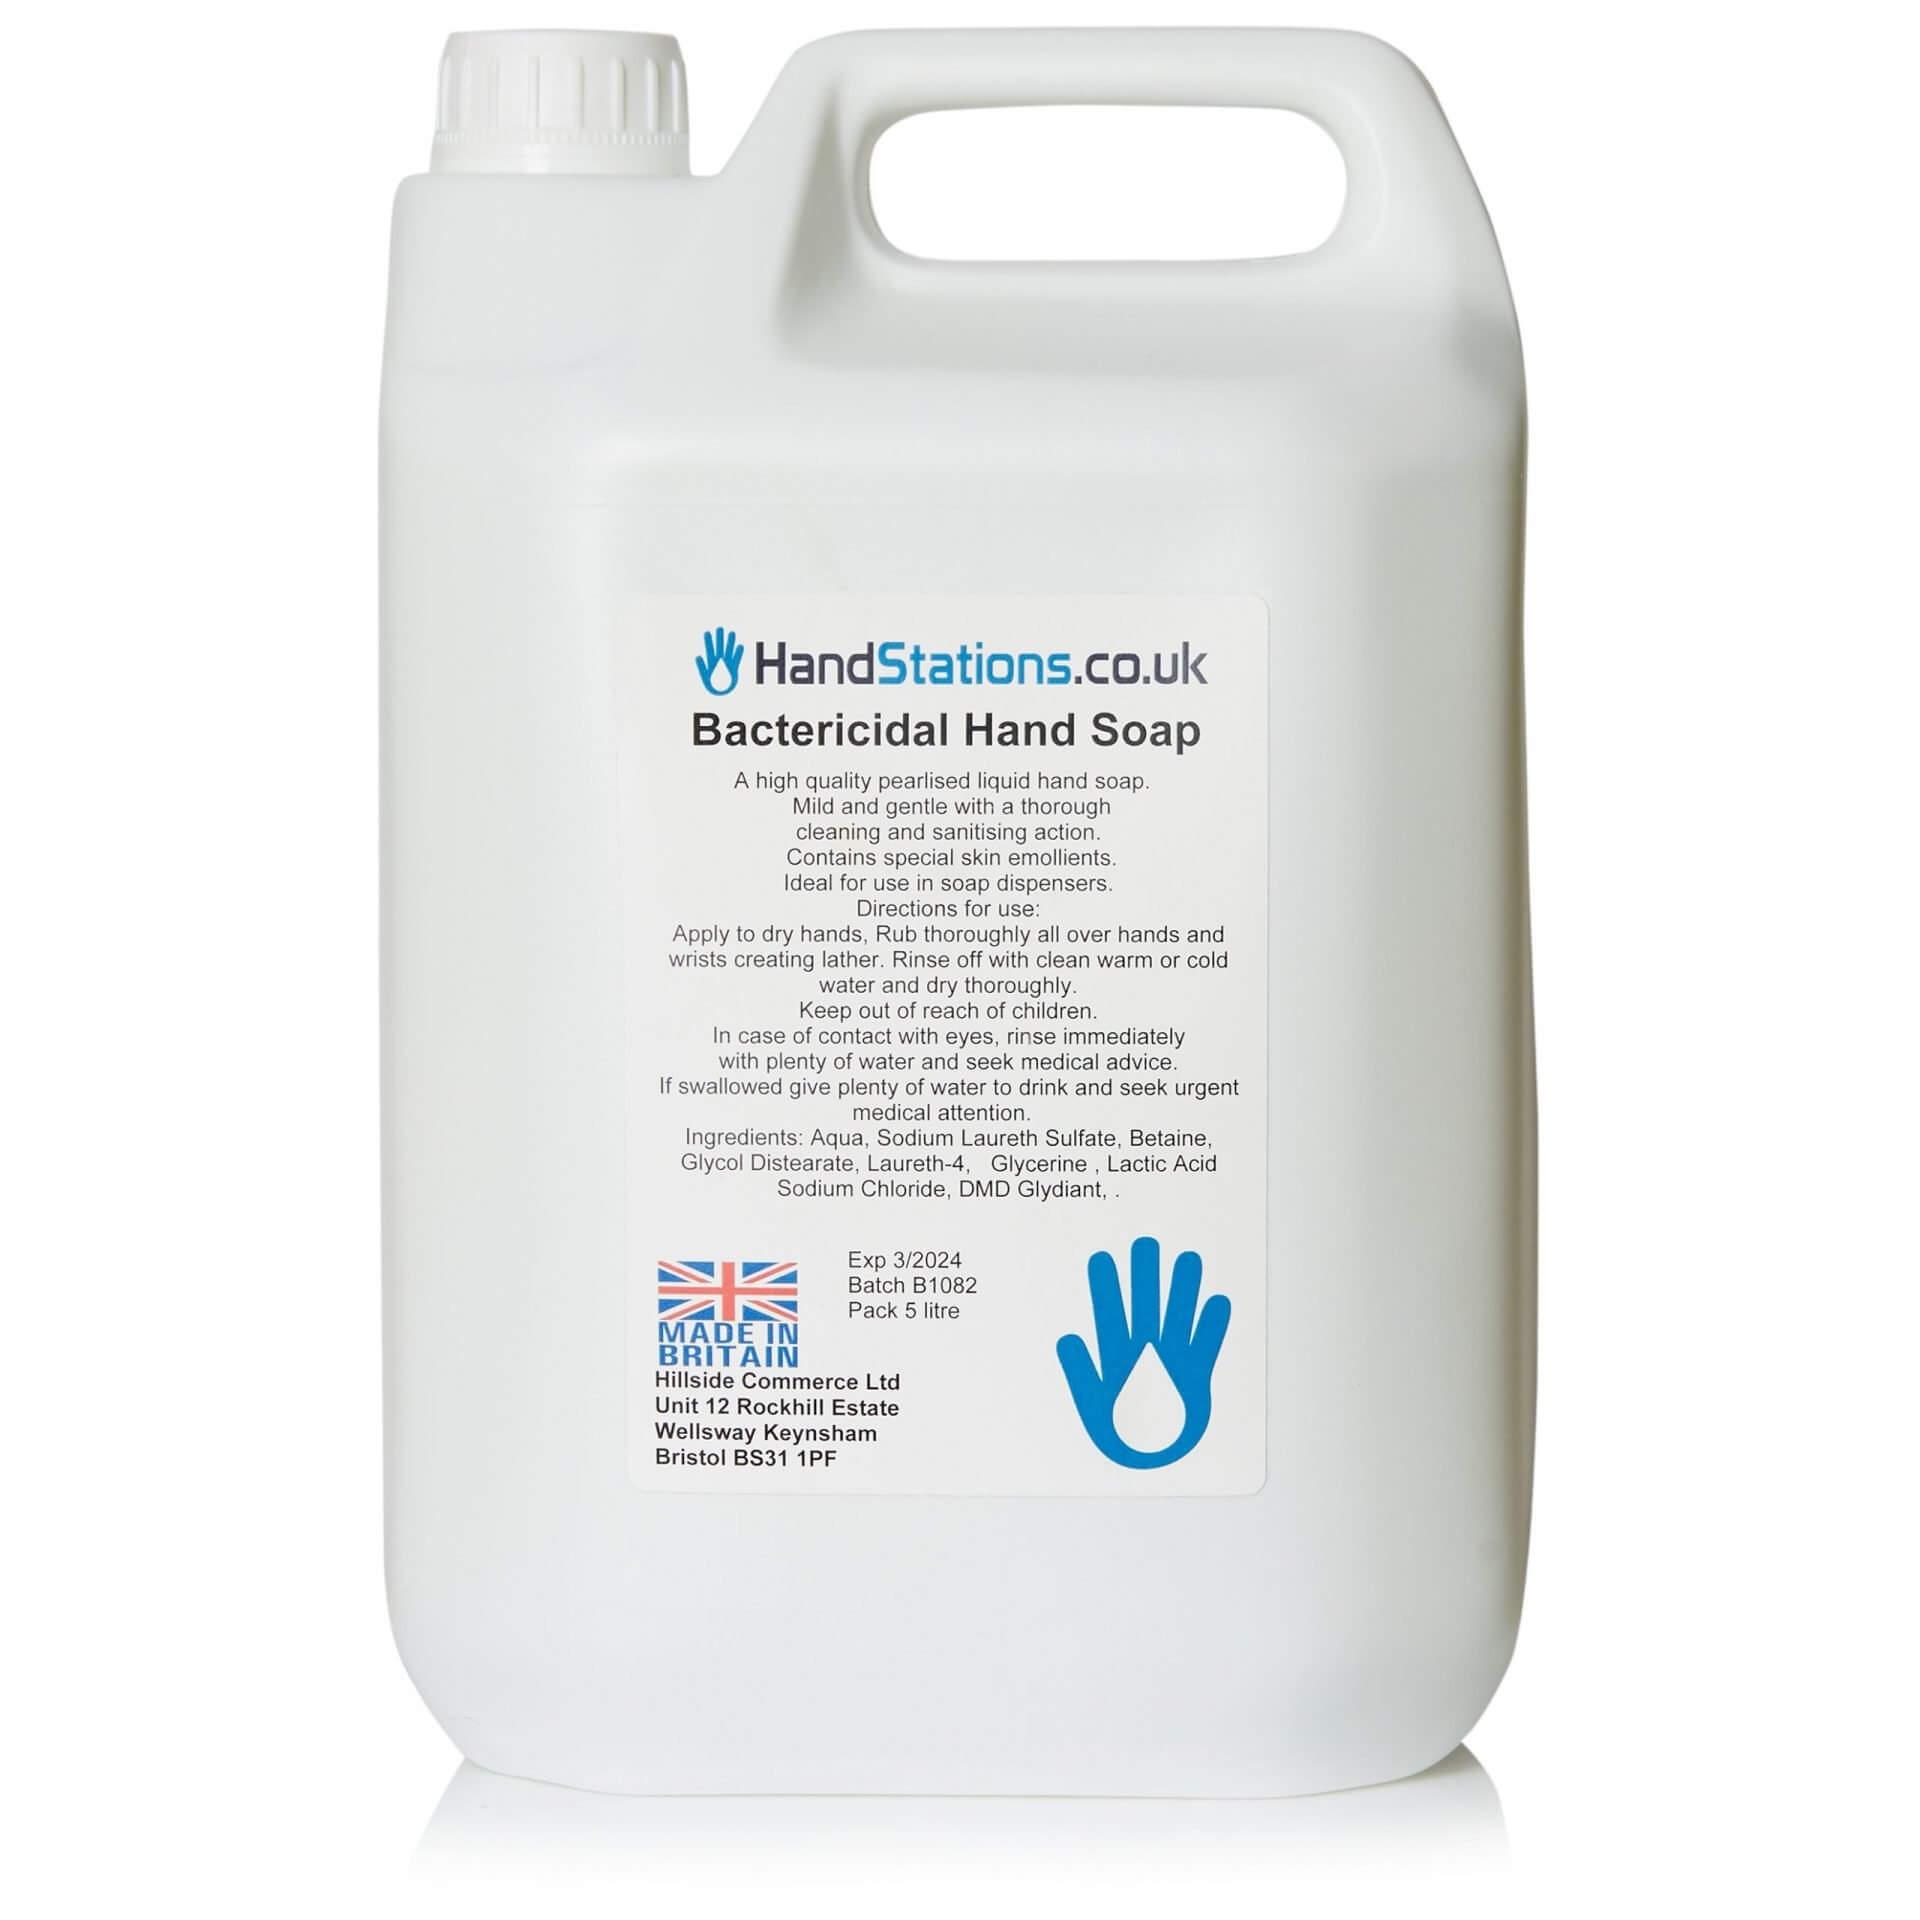 AntiBac Bactericidal Liquid Hand Soap 5 Litre Dispenser Refill